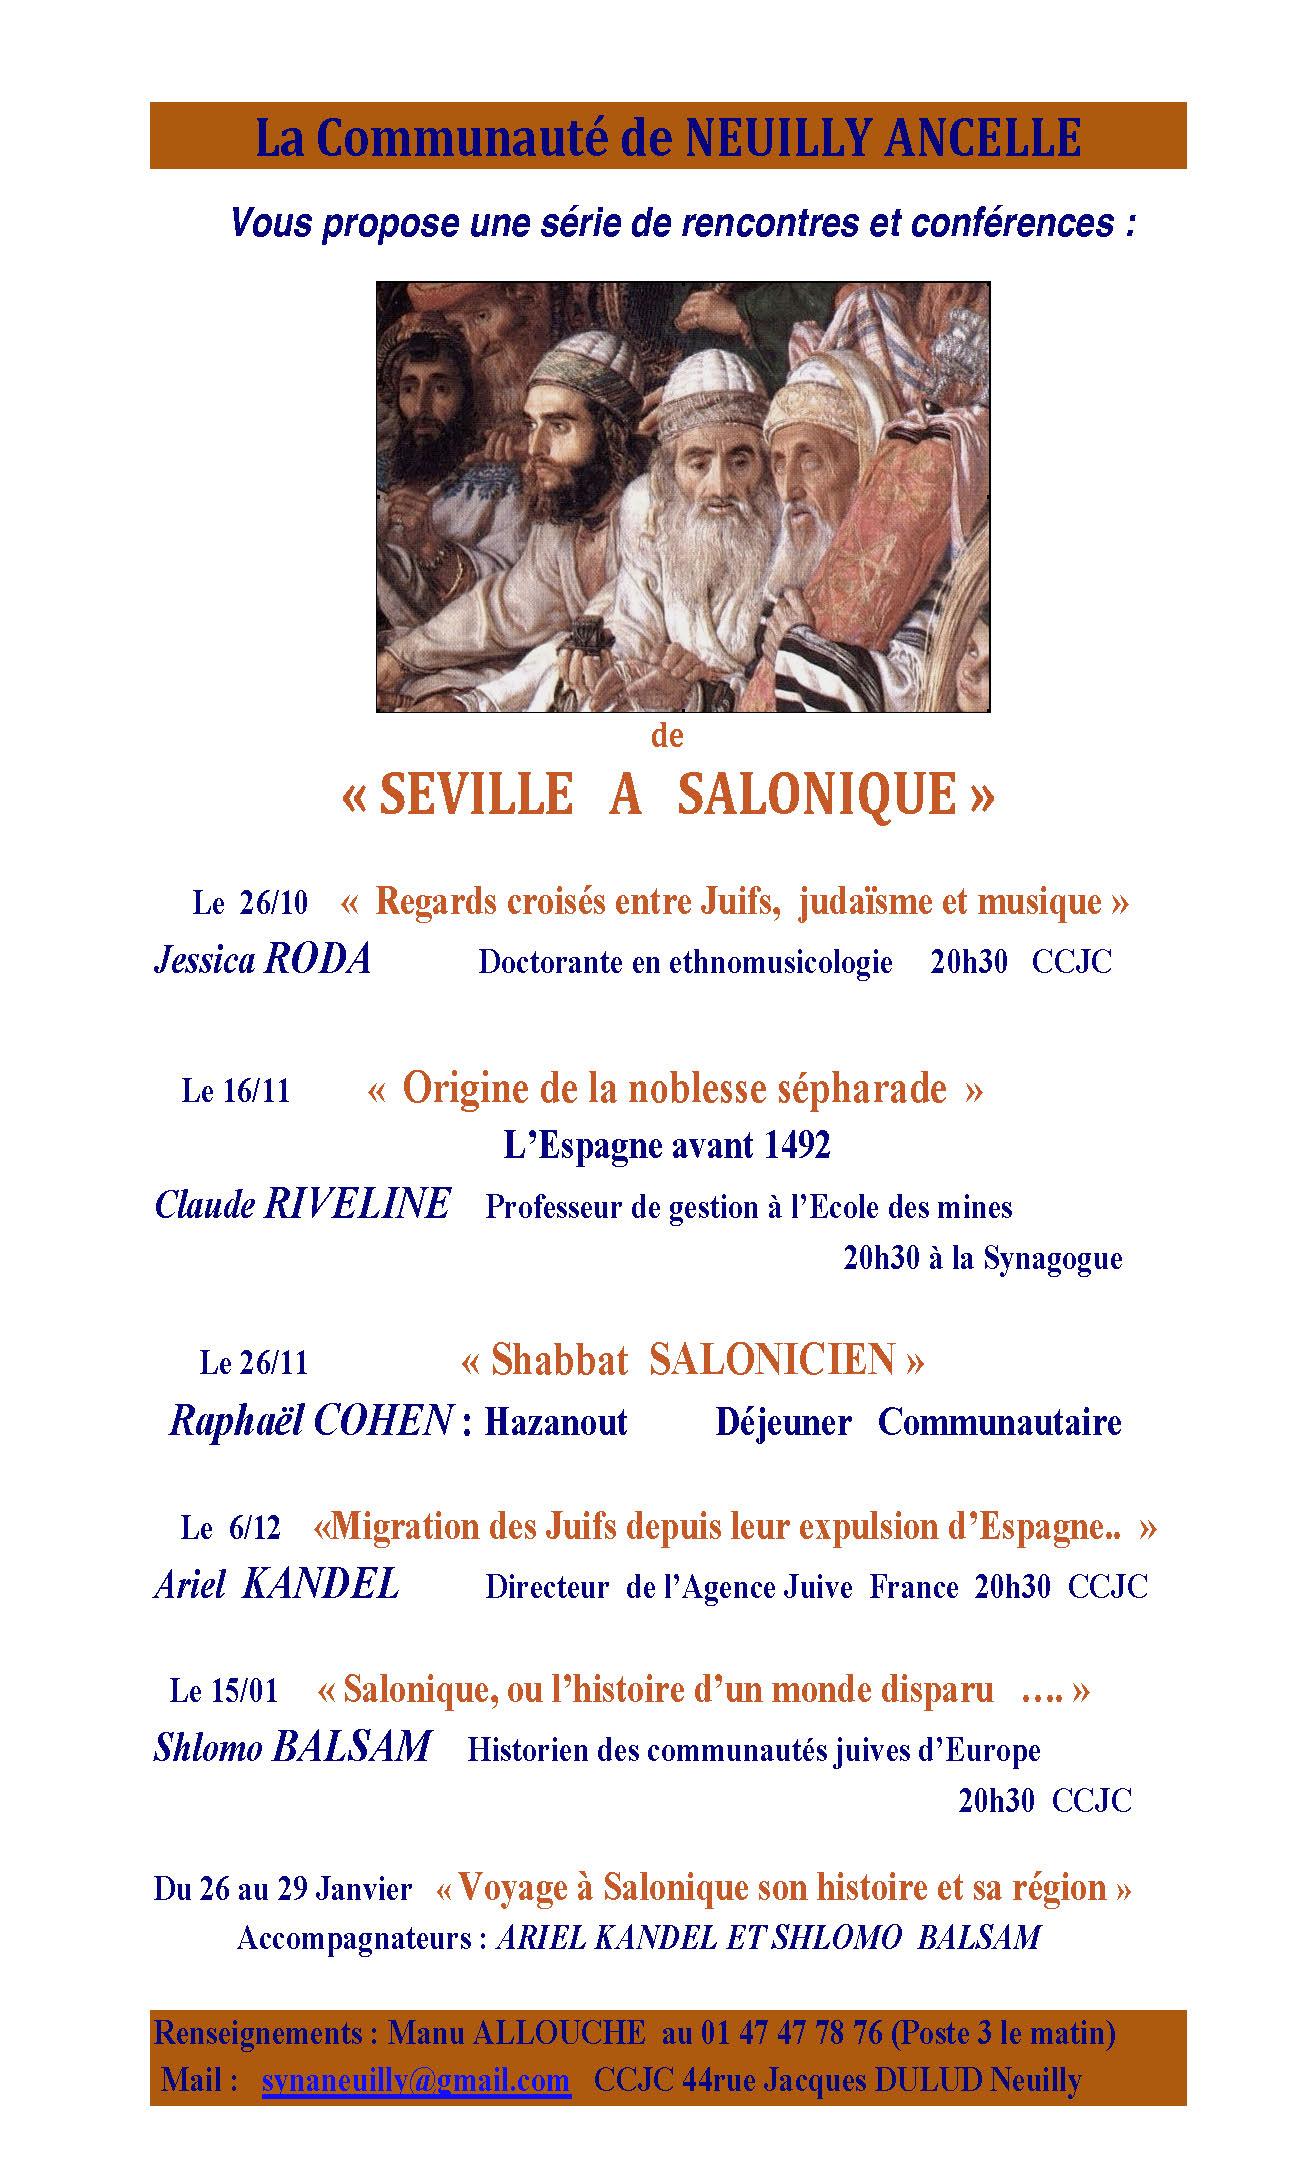 de_seville_a_salonique_pdf_2_.jpg